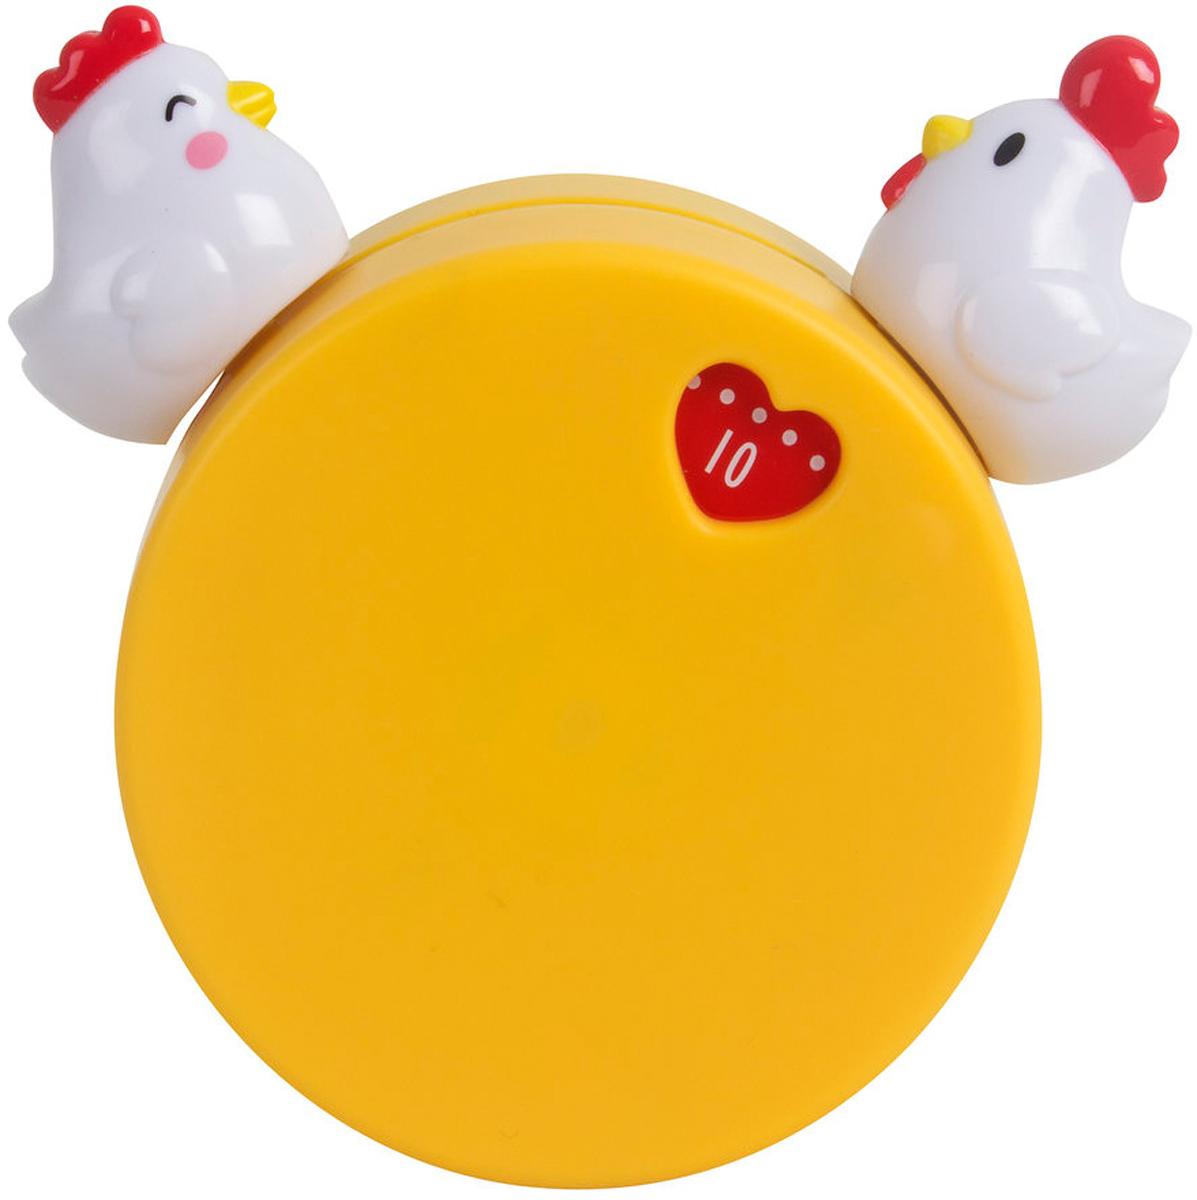 Таймер Balvi Love Story, механический, цвет: оранжевый25948Механический таймер Love Story словно специально создан для тех, кто ставит варить яйца и забывает, что это сделал. Он выполнен в виде невысокого цилиндра, наверху которого сидят и смотрят друг на друга влюбленными глазами курочка и петушок. При заведении таймера на определенное время они отдаляются друг от друга. А когда время подходит к концу, они словно сливаются в поцелуе. Поэтому таймер и получил название Love Story. Этот милый аксессуар замечательно впишется в любую кухонную обстановку и будет незаменимым помощником в приготовлении эксклюзивных блюд.- Изготовлен из пластика и металла.- Нестандартный дизайн.- Имеет магнит для крепления к металлической поверхности.